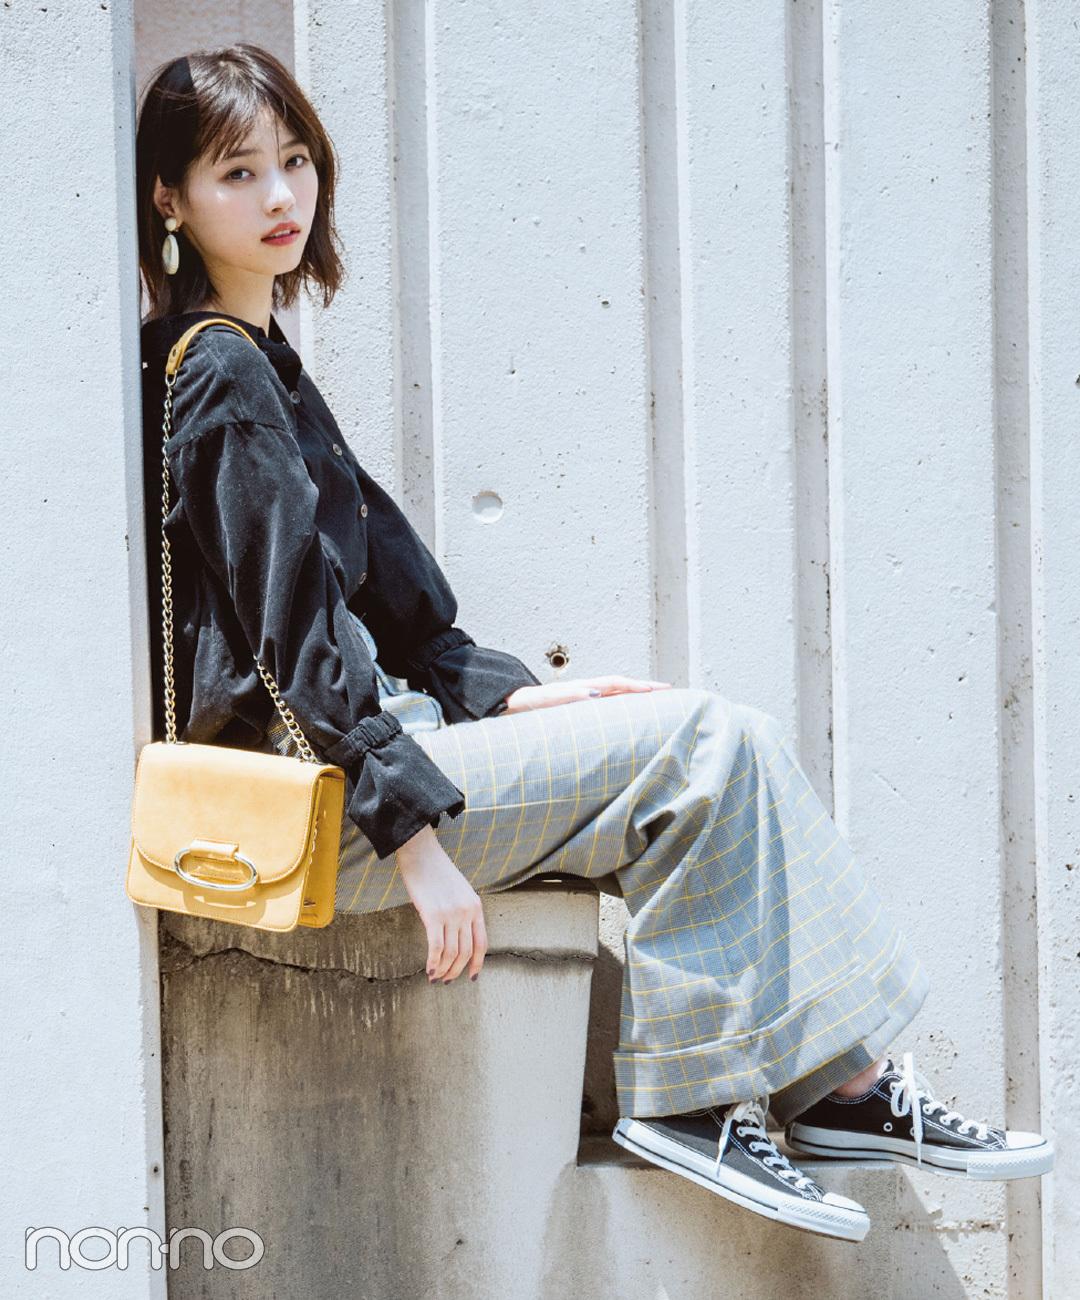 【ウィンドーペンチェックコーデ】西野七瀬は、マニッシュなグレンチェックパンツスタイルにラフな空気感を添える